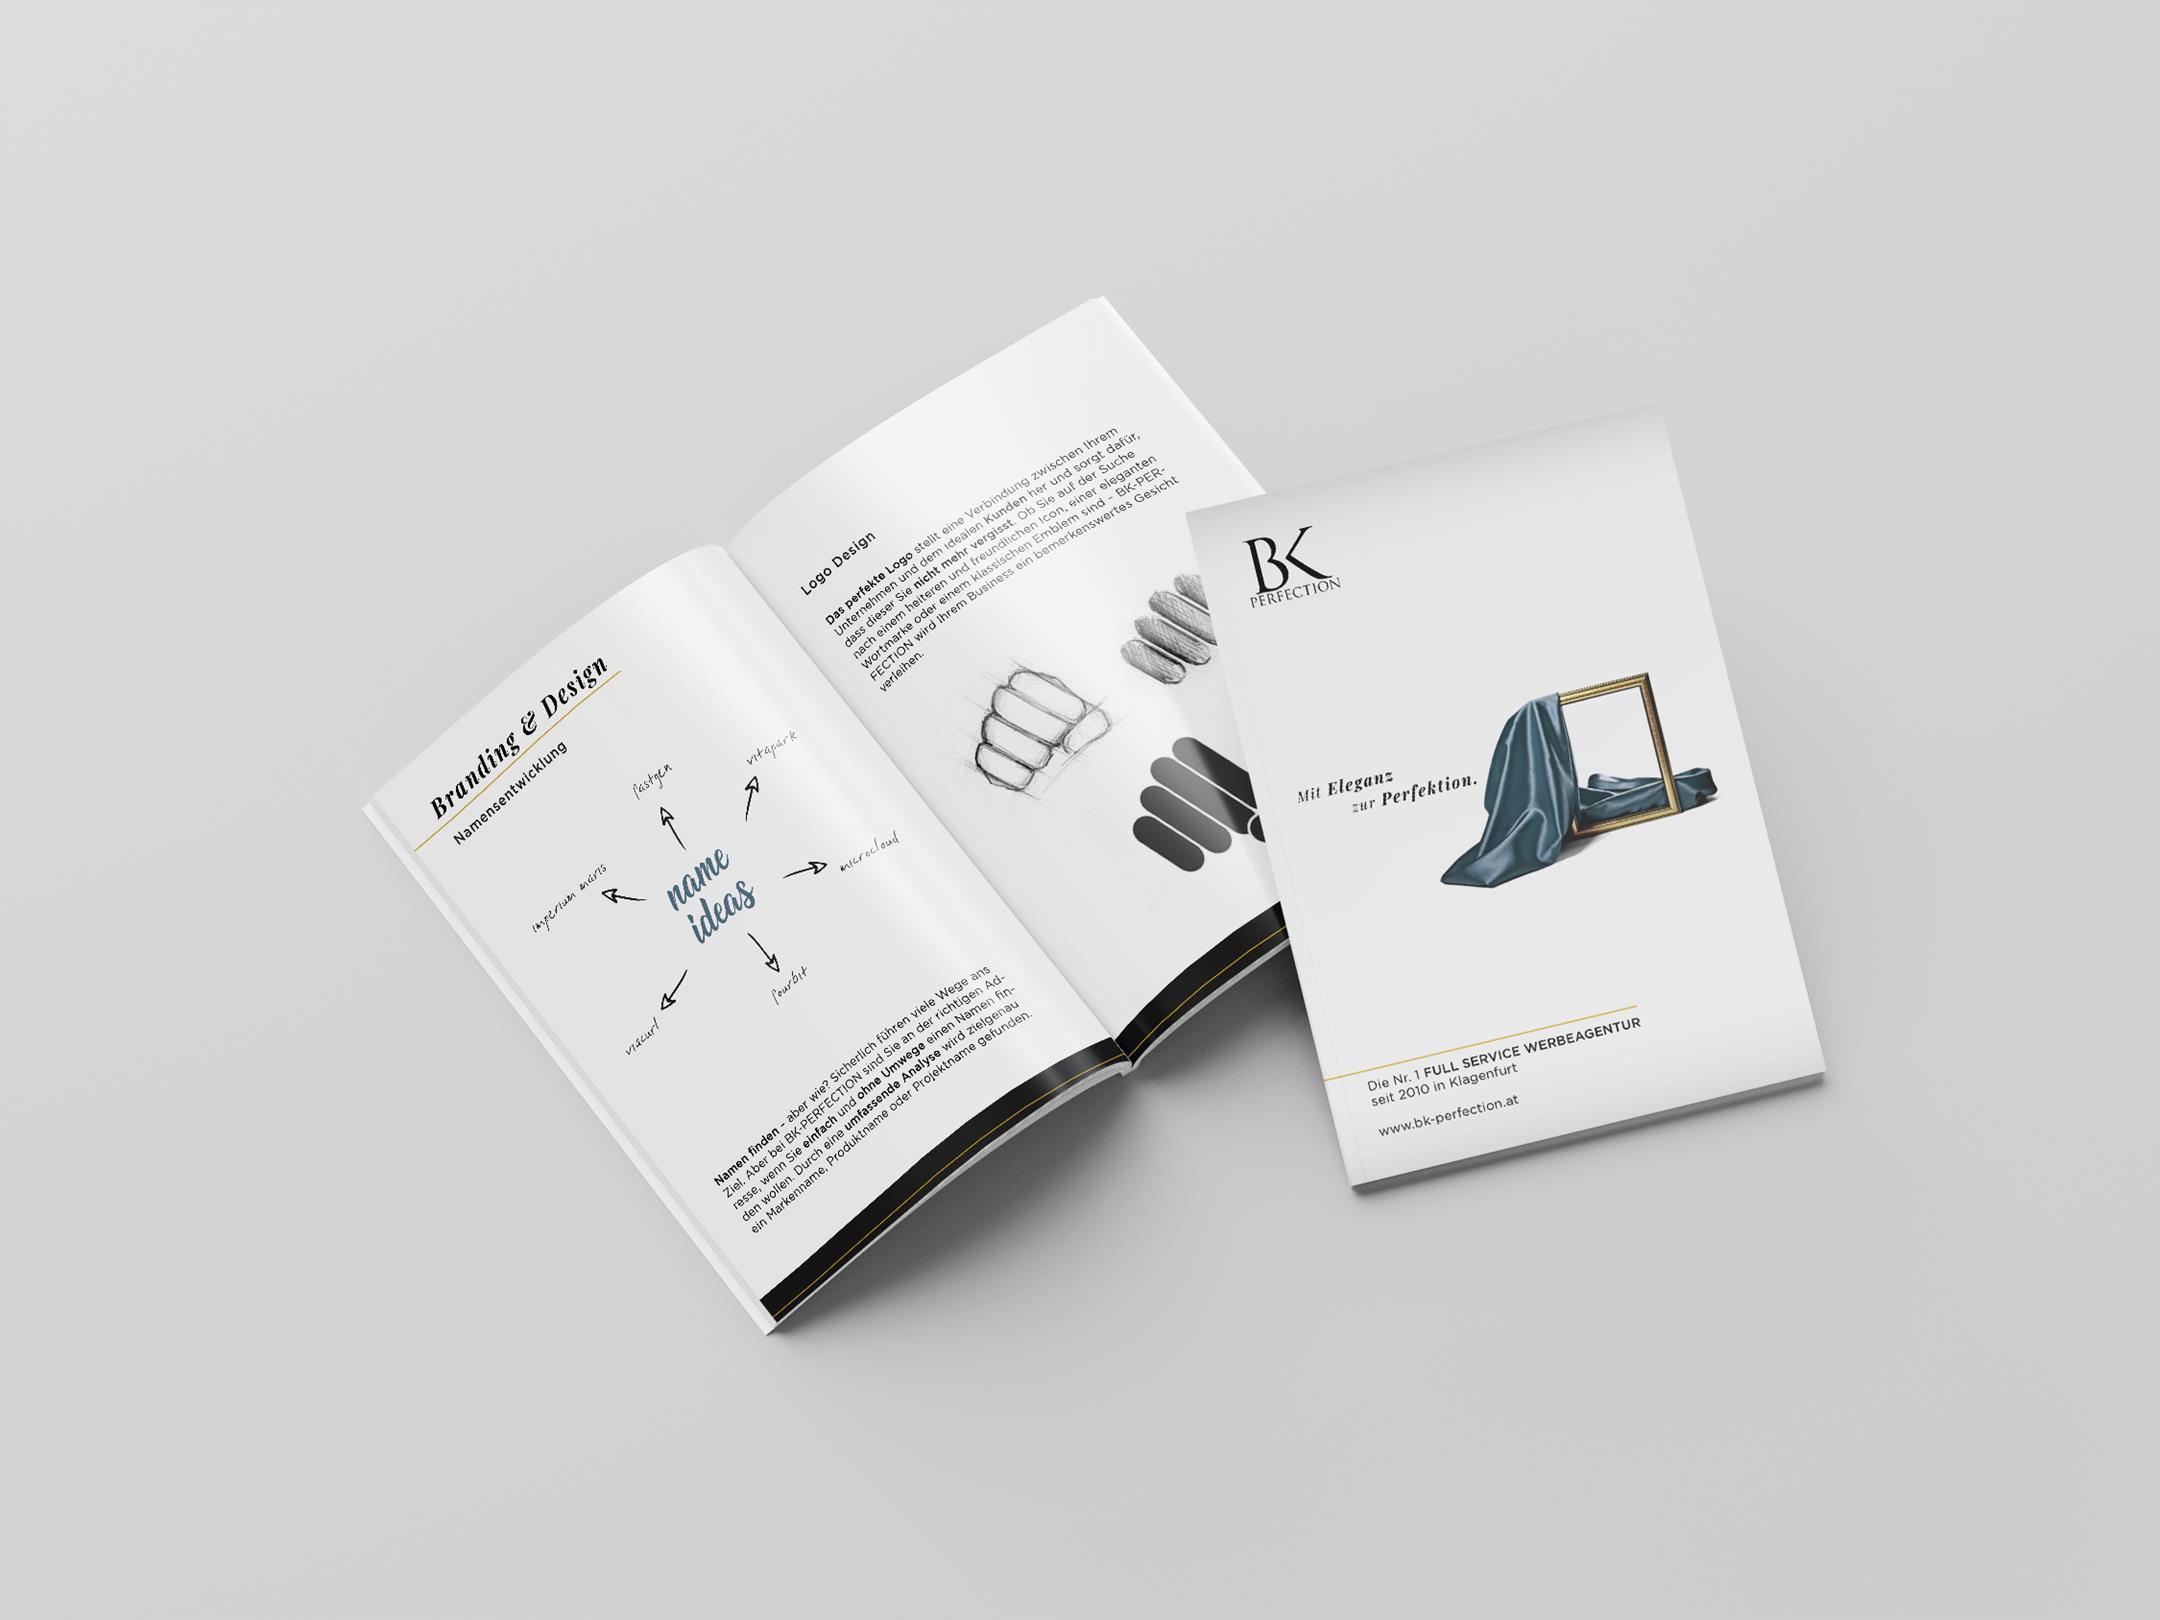 Imagebroschüre für die Werbeagentur BK-Perfection